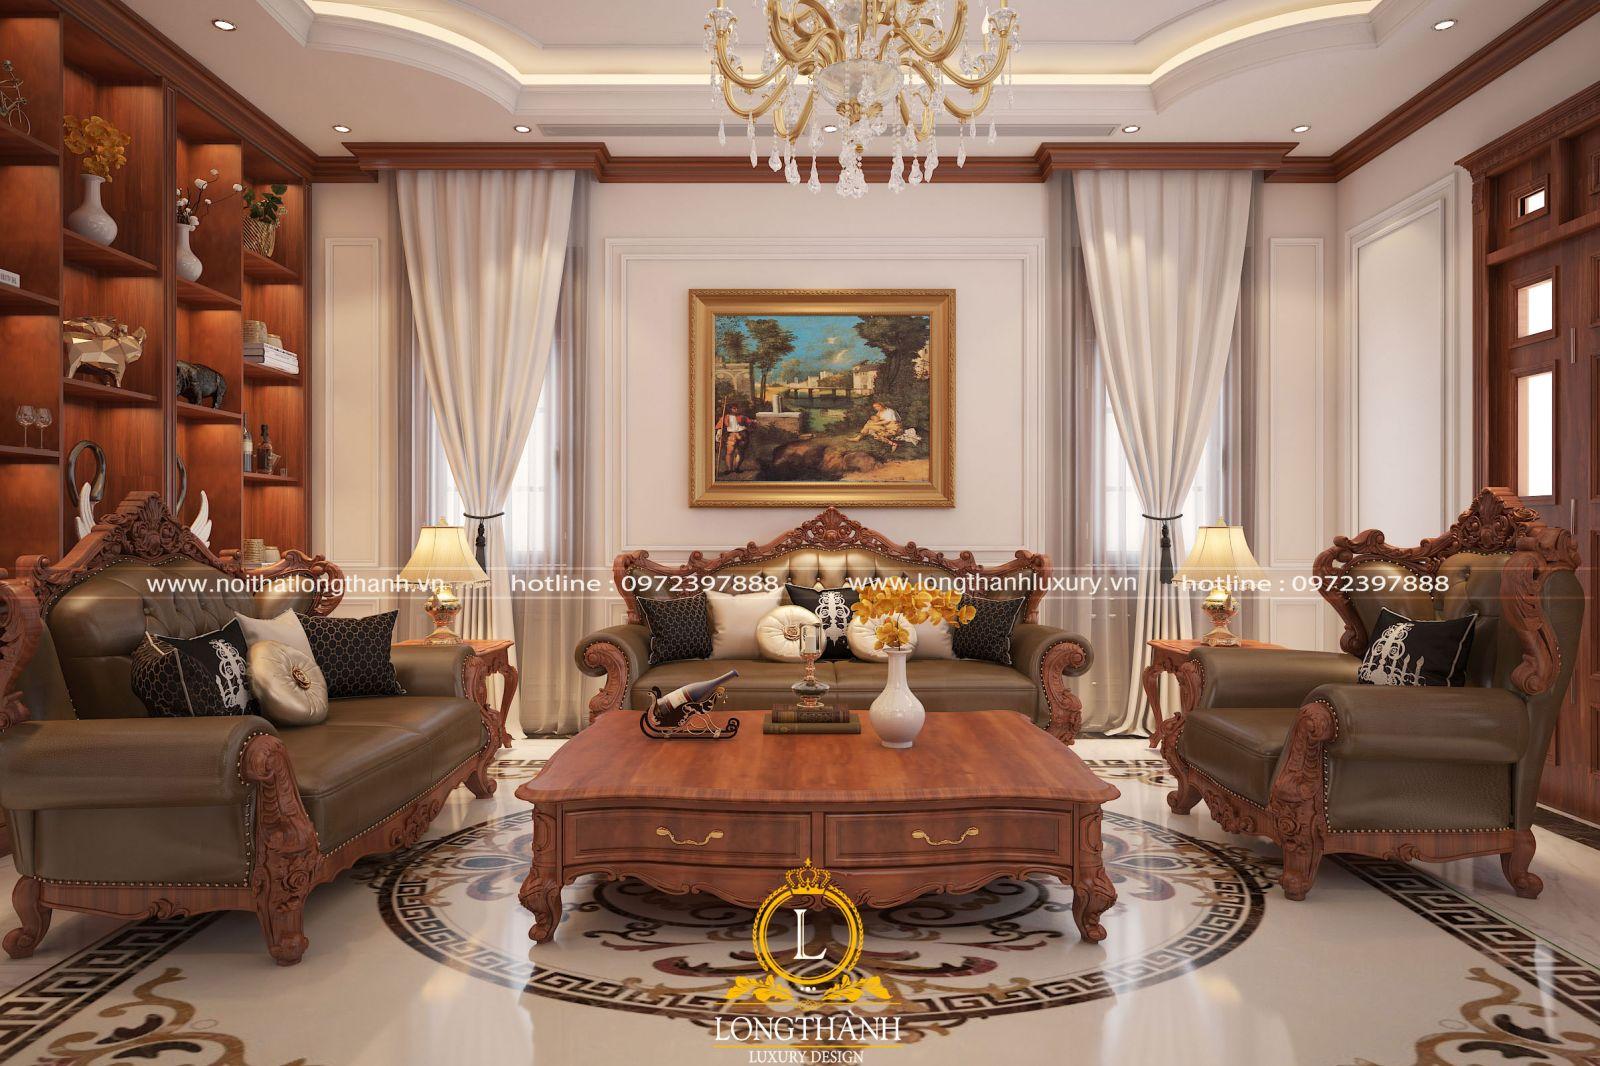 Bức tranh ấn tượng được bố trí ngay trung tâm căn phòng khách tân cổ điển